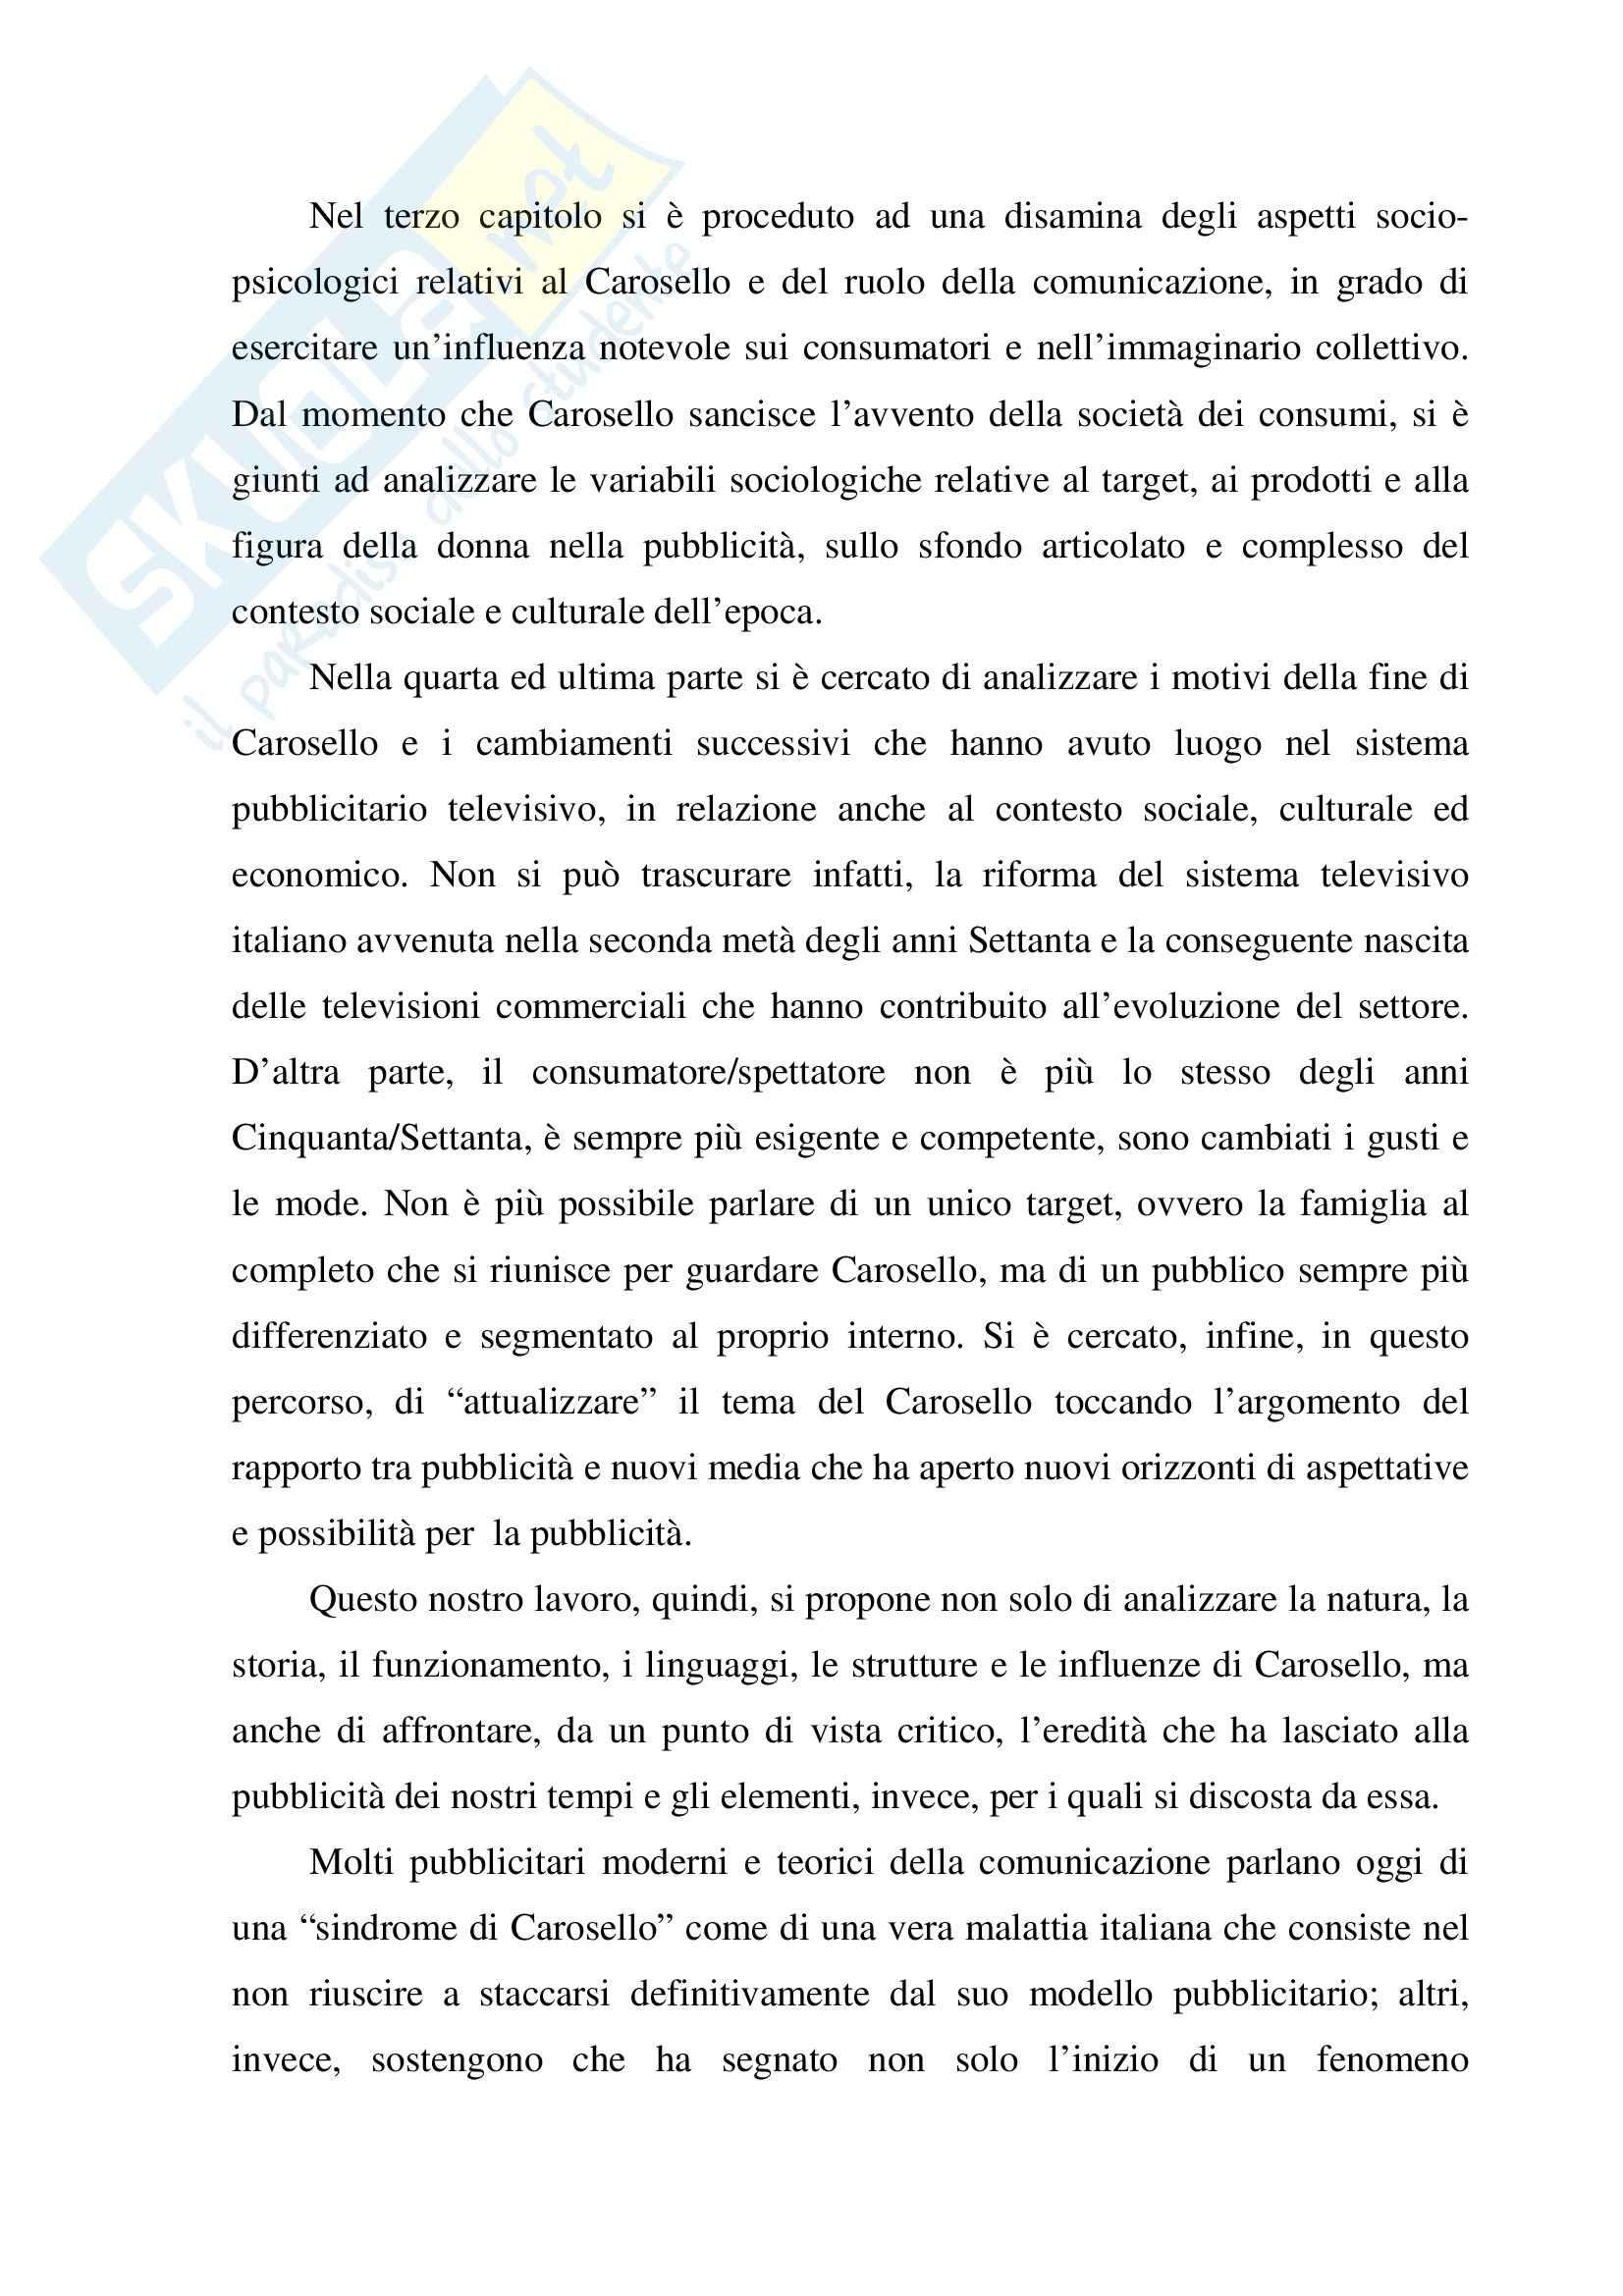 Economia dei media - pubblicità - Tesina Pag. 6